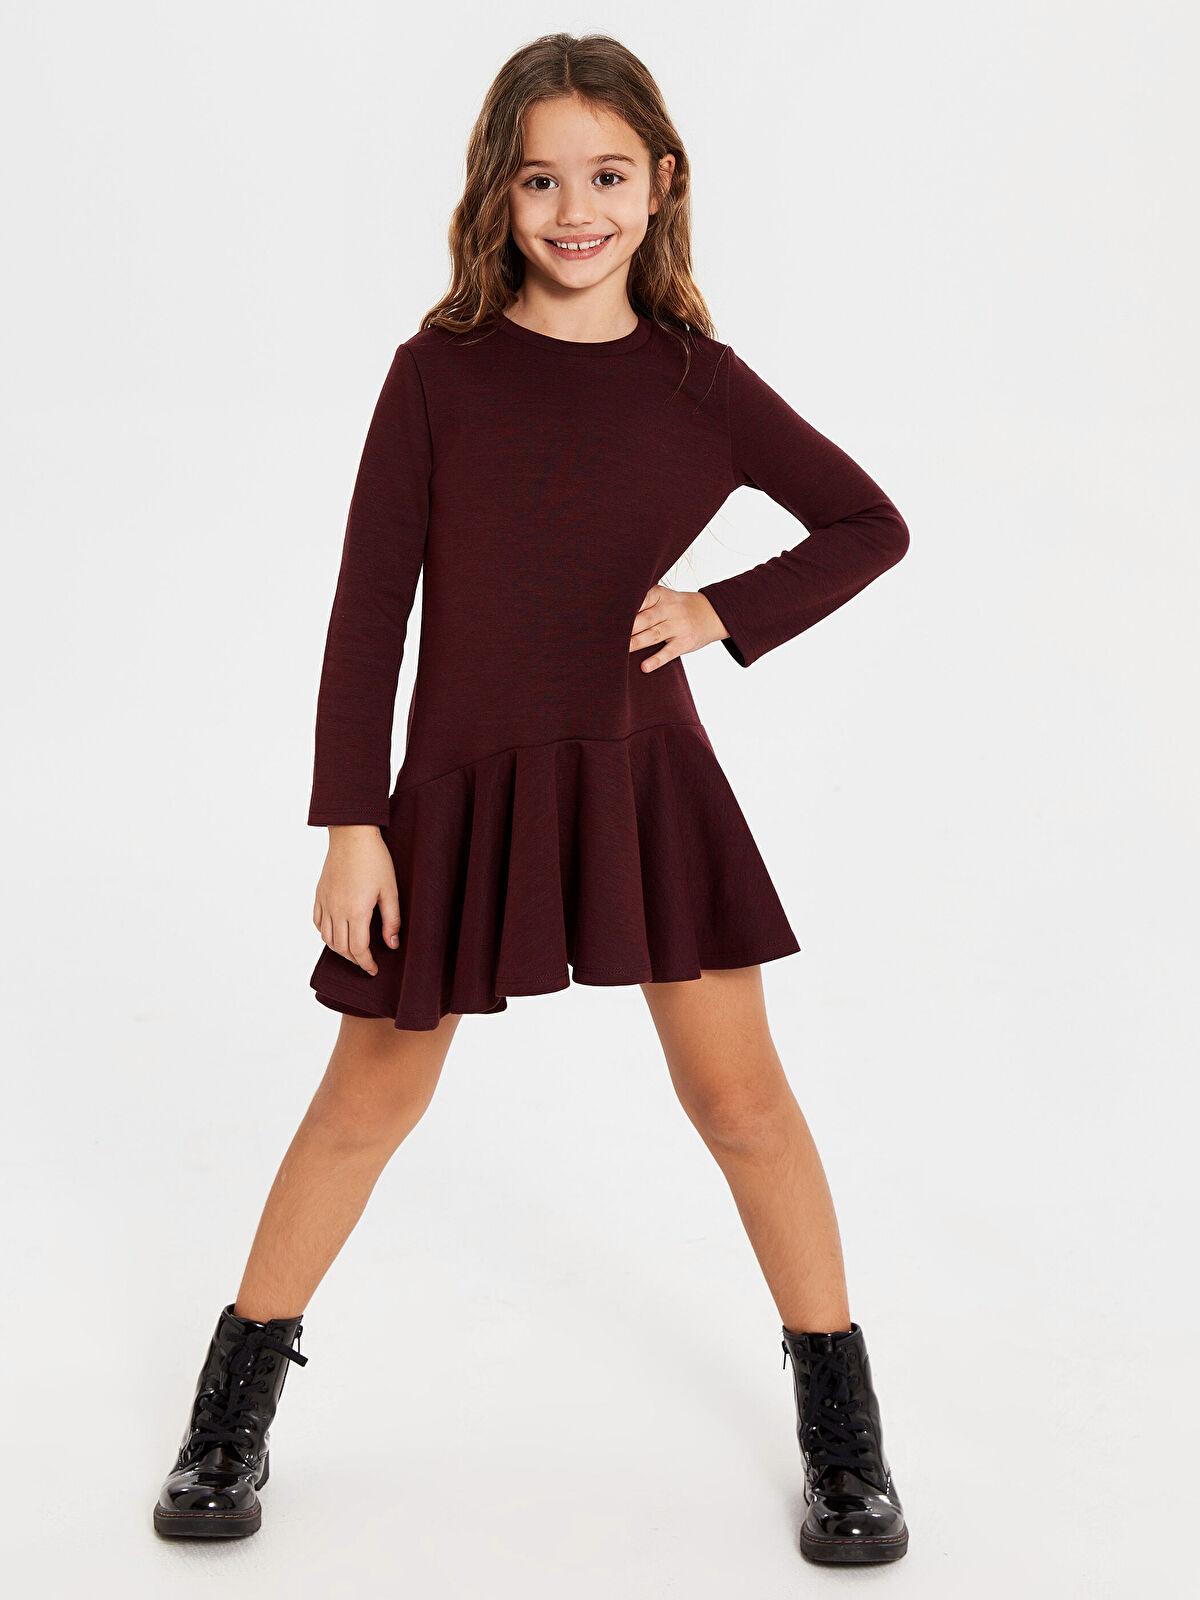 Aile Koleksiyonu Kız Çocuk Basic Elbise - LC WAIKIKI